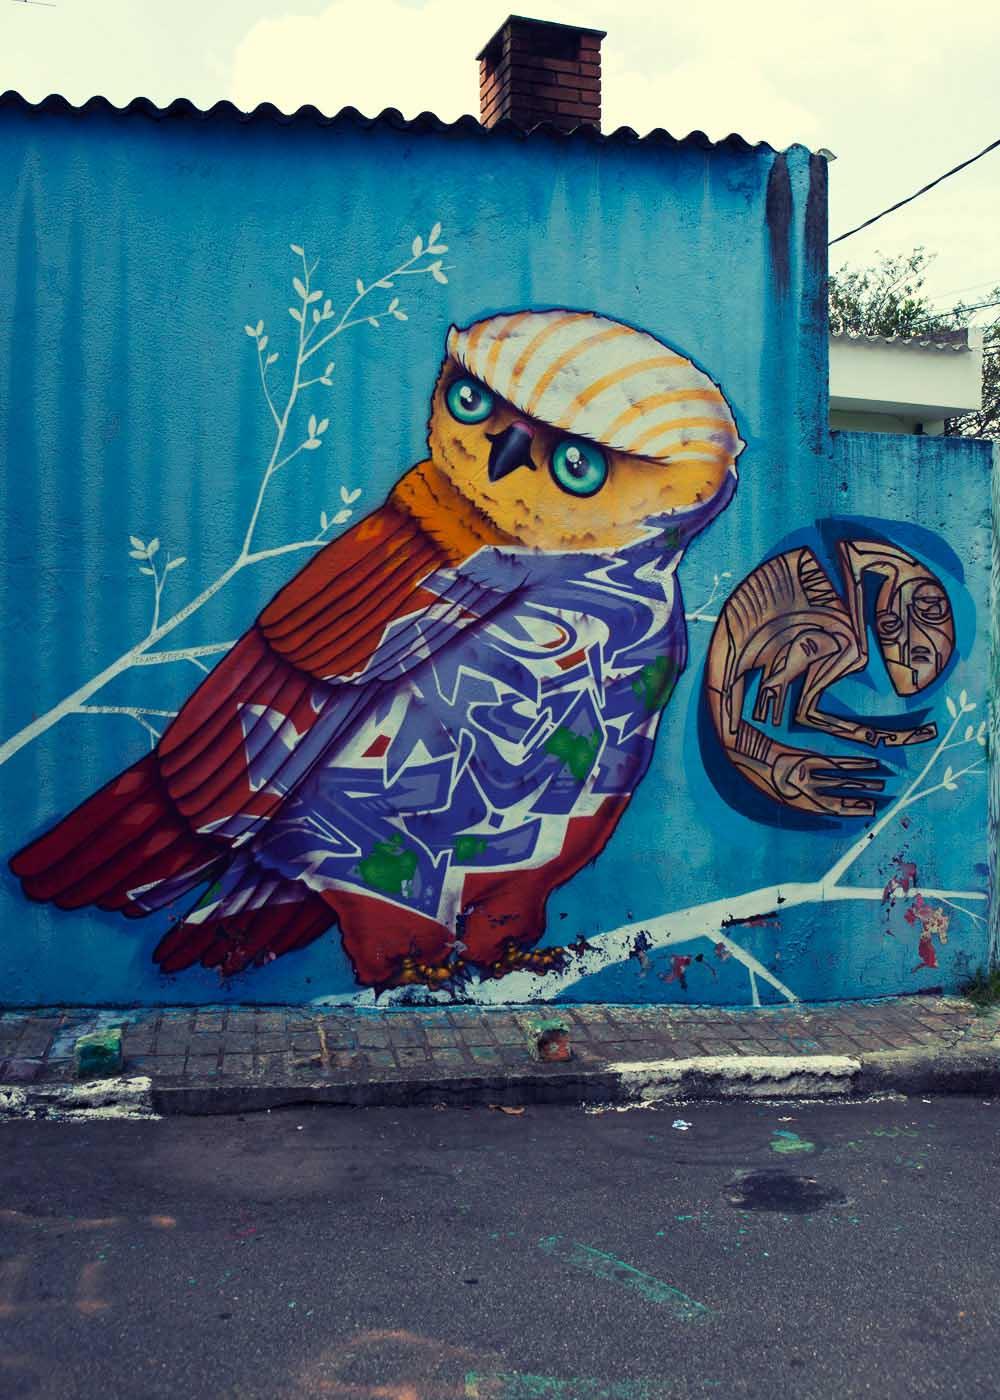 Cosmic owl graffiti Sao Paulo